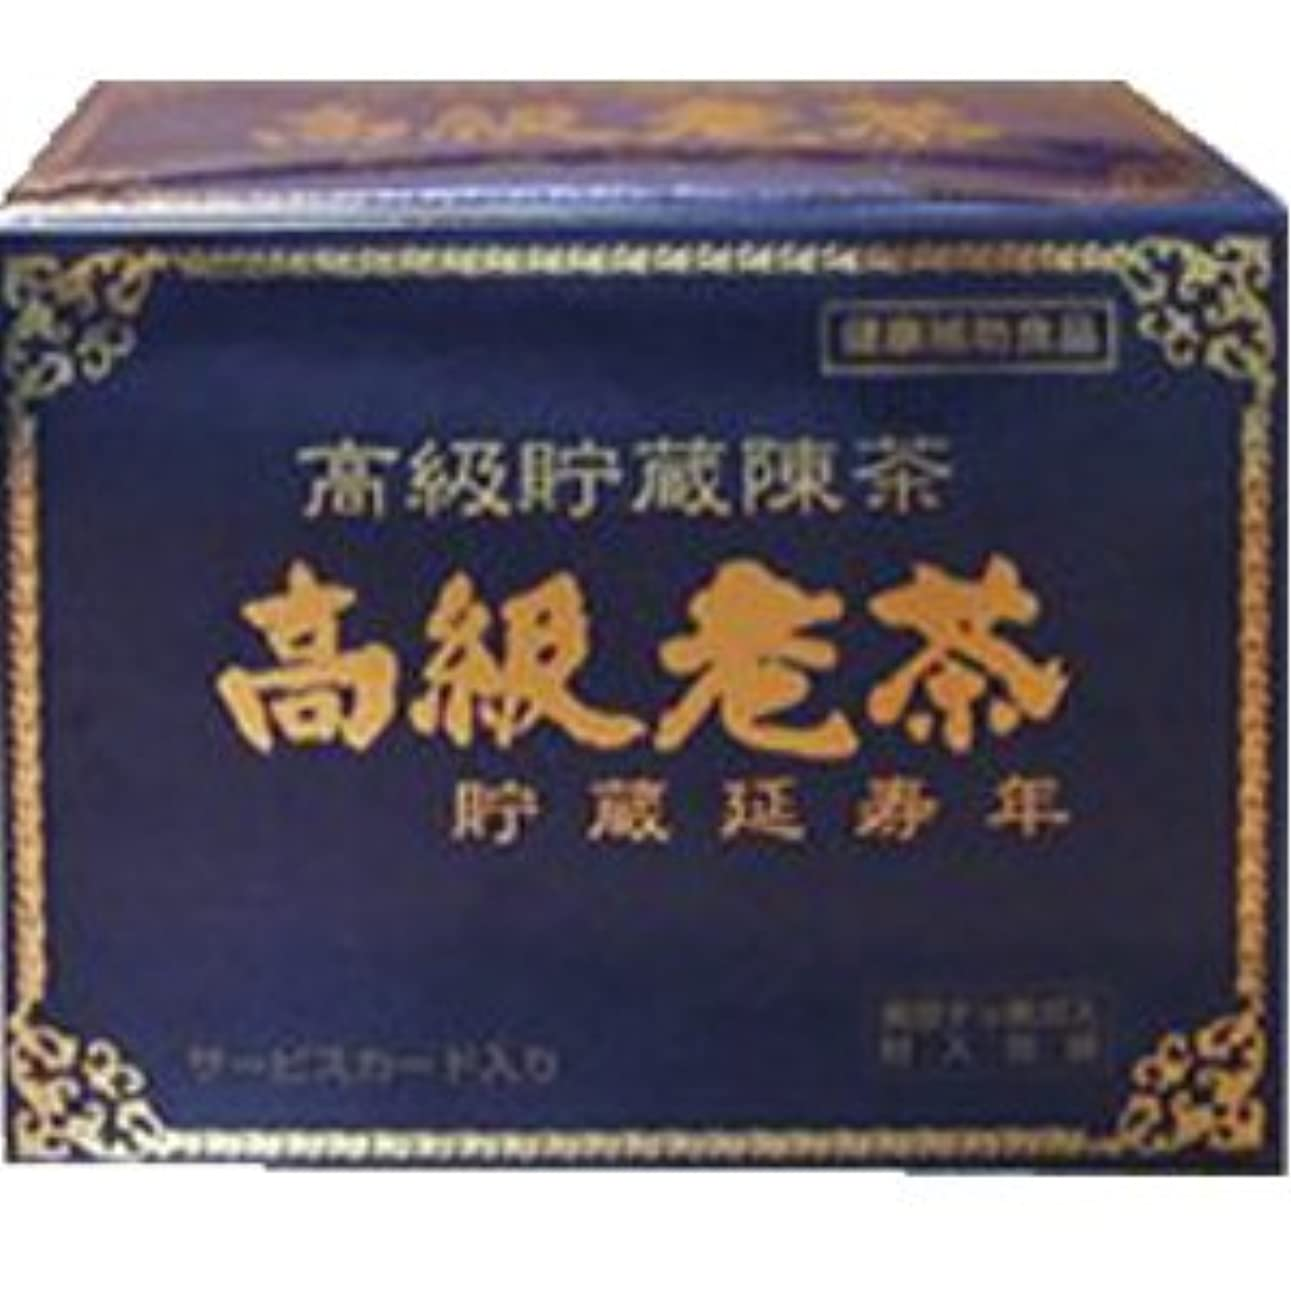 位置づけるベンチ共栄  高級老茶 34包 (4972889000159)